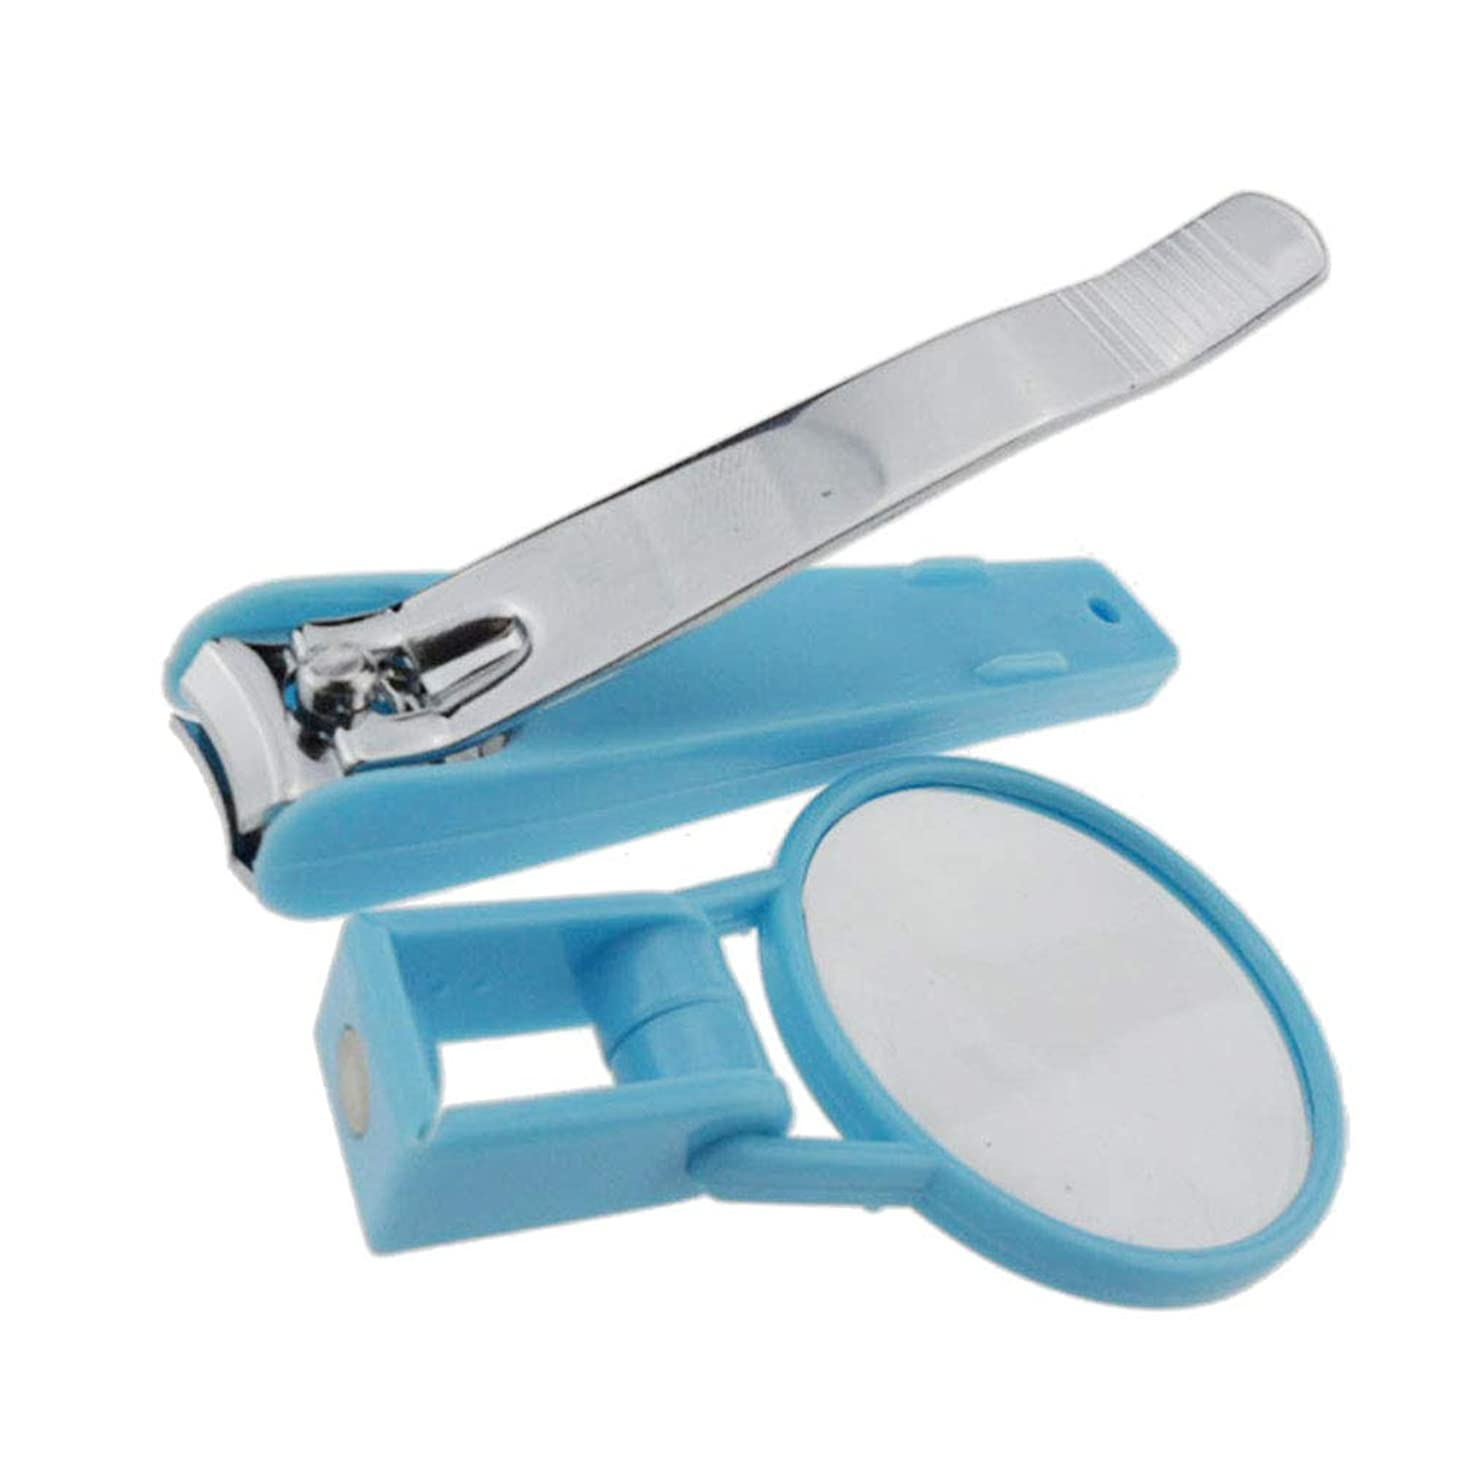 ダウン策定する鎮静剤HEALIFTY 赤ちゃん老人安全なネイルケア虫眼鏡で安定したネイルクリッパートリマー